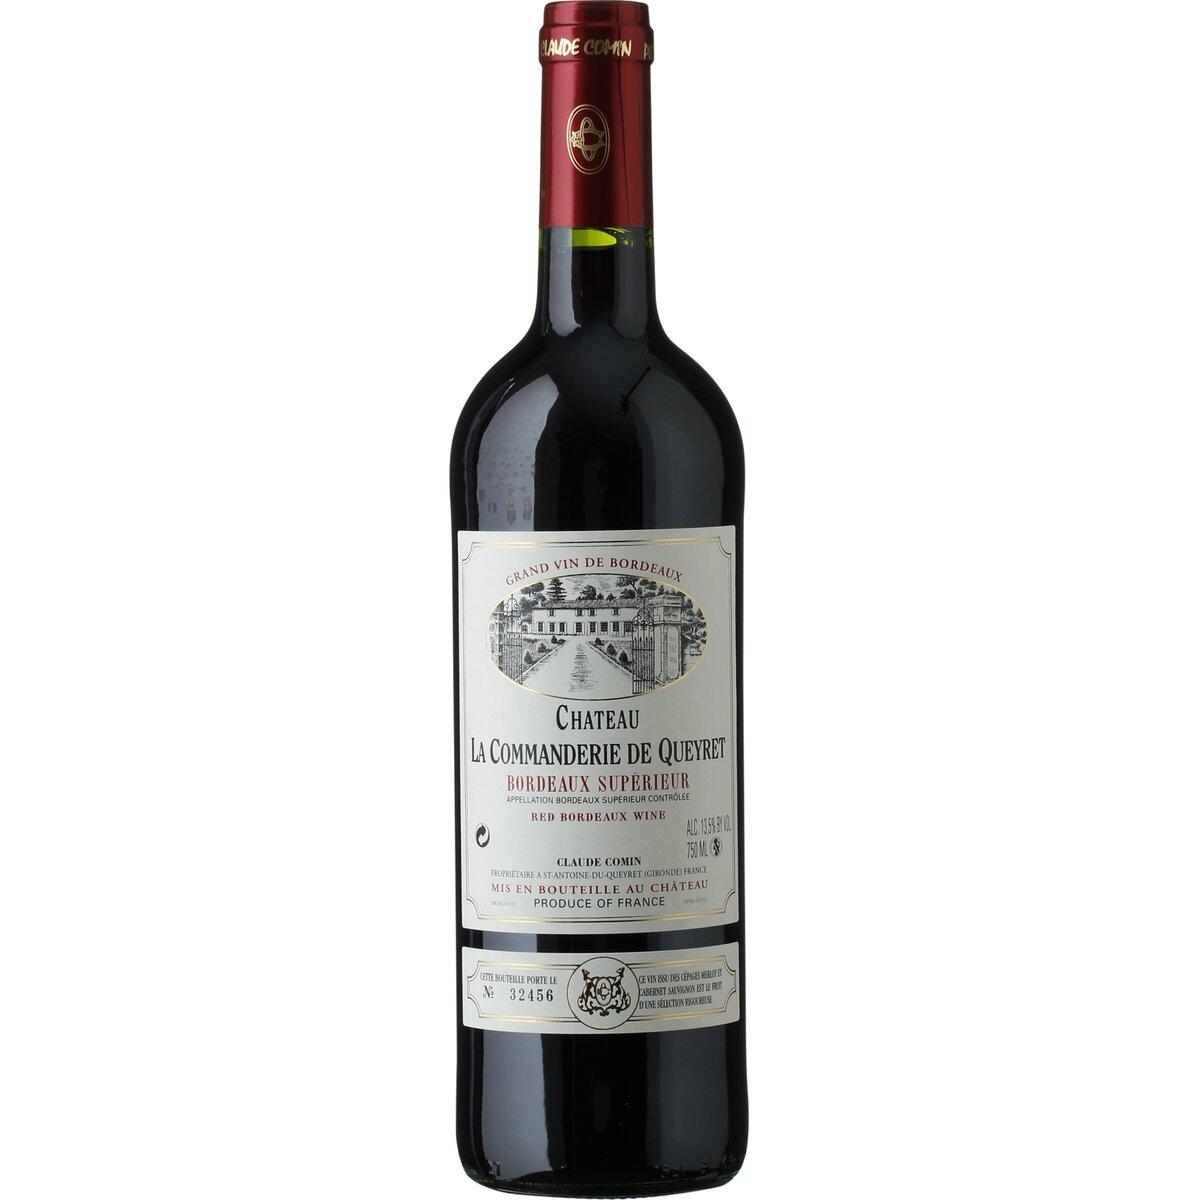 Image of Chateau La Commanderie Queyret Bordeaux Superior